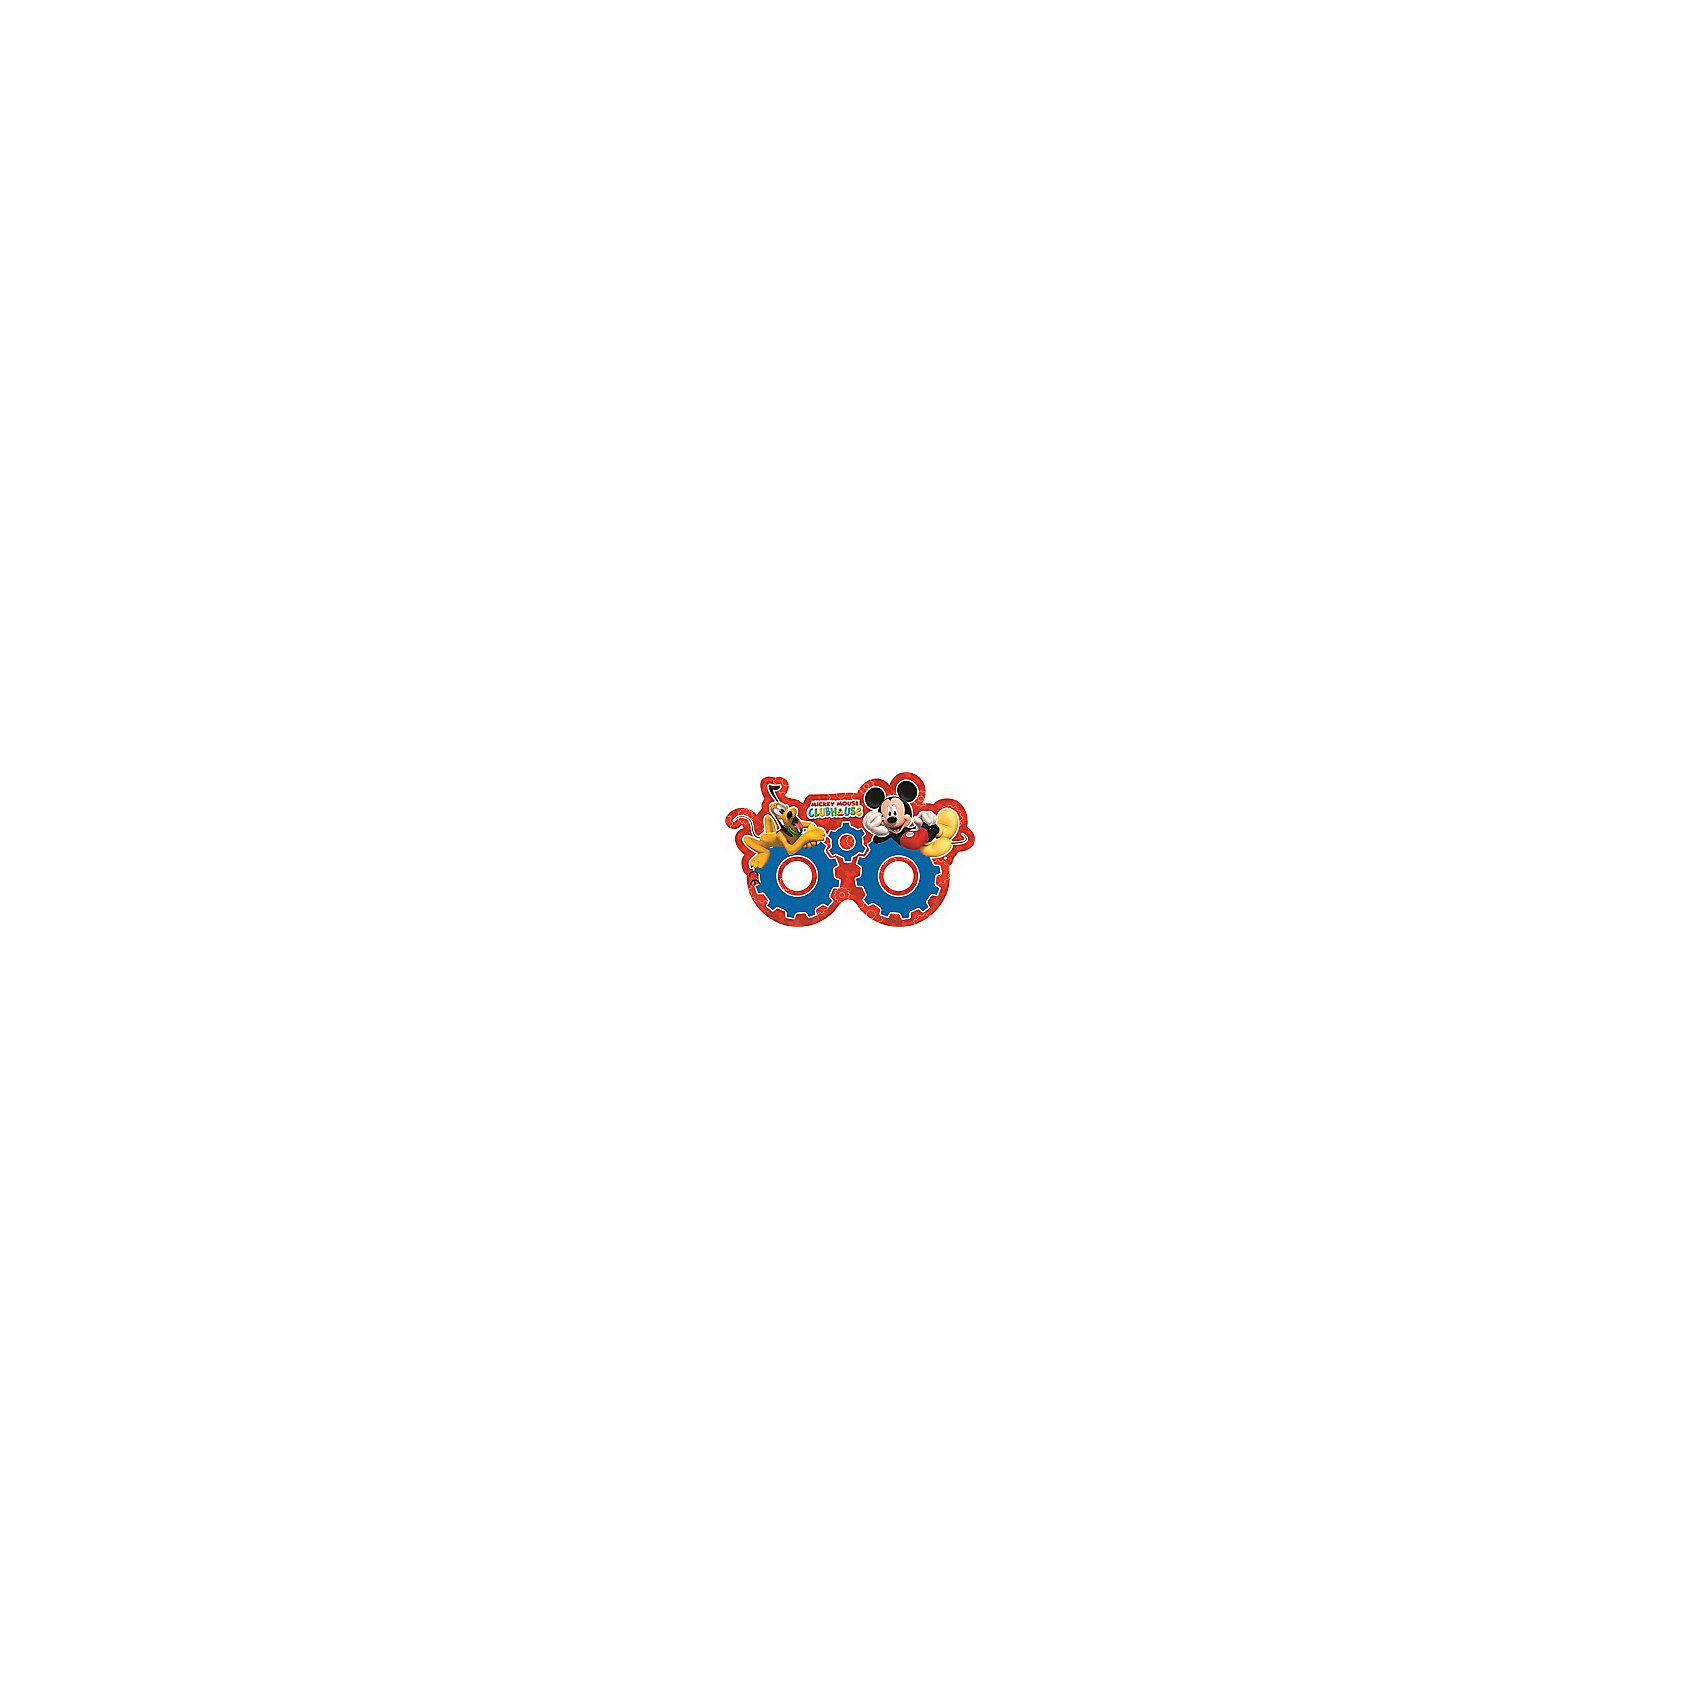 Маски Веселый Микки, 6 шт.Забавный аксессуар для детского праздника маски Веселый Микки,  порадует маленьких гостей и будет создавать атмосферу веселья и радости. Комплект включает в себя 6 бумажных масок, выполненных в виде любимого детского персонажа - мышонка Микки-Мауса. Маски изготовлены из высококачественных и нетоксичных материалов, которые совершенно безопасны для детского здоровья.<br><br>Дополнительная информация:<br><br>- В комплекте: 6 шт.<br>- Материал: бумага.<br>- Размер упаковки: 1,5 х 16,5 х 19 см.<br>- Вес: 43 гр.<br><br>Маски Веселый Микки,  6 шт. можно купить в нашем интернет-магазине.<br><br>Ширина мм: 15<br>Глубина мм: 165<br>Высота мм: 190<br>Вес г: 43<br>Возраст от месяцев: 36<br>Возраст до месяцев: 84<br>Пол: Унисекс<br>Возраст: Детский<br>SKU: 4008393